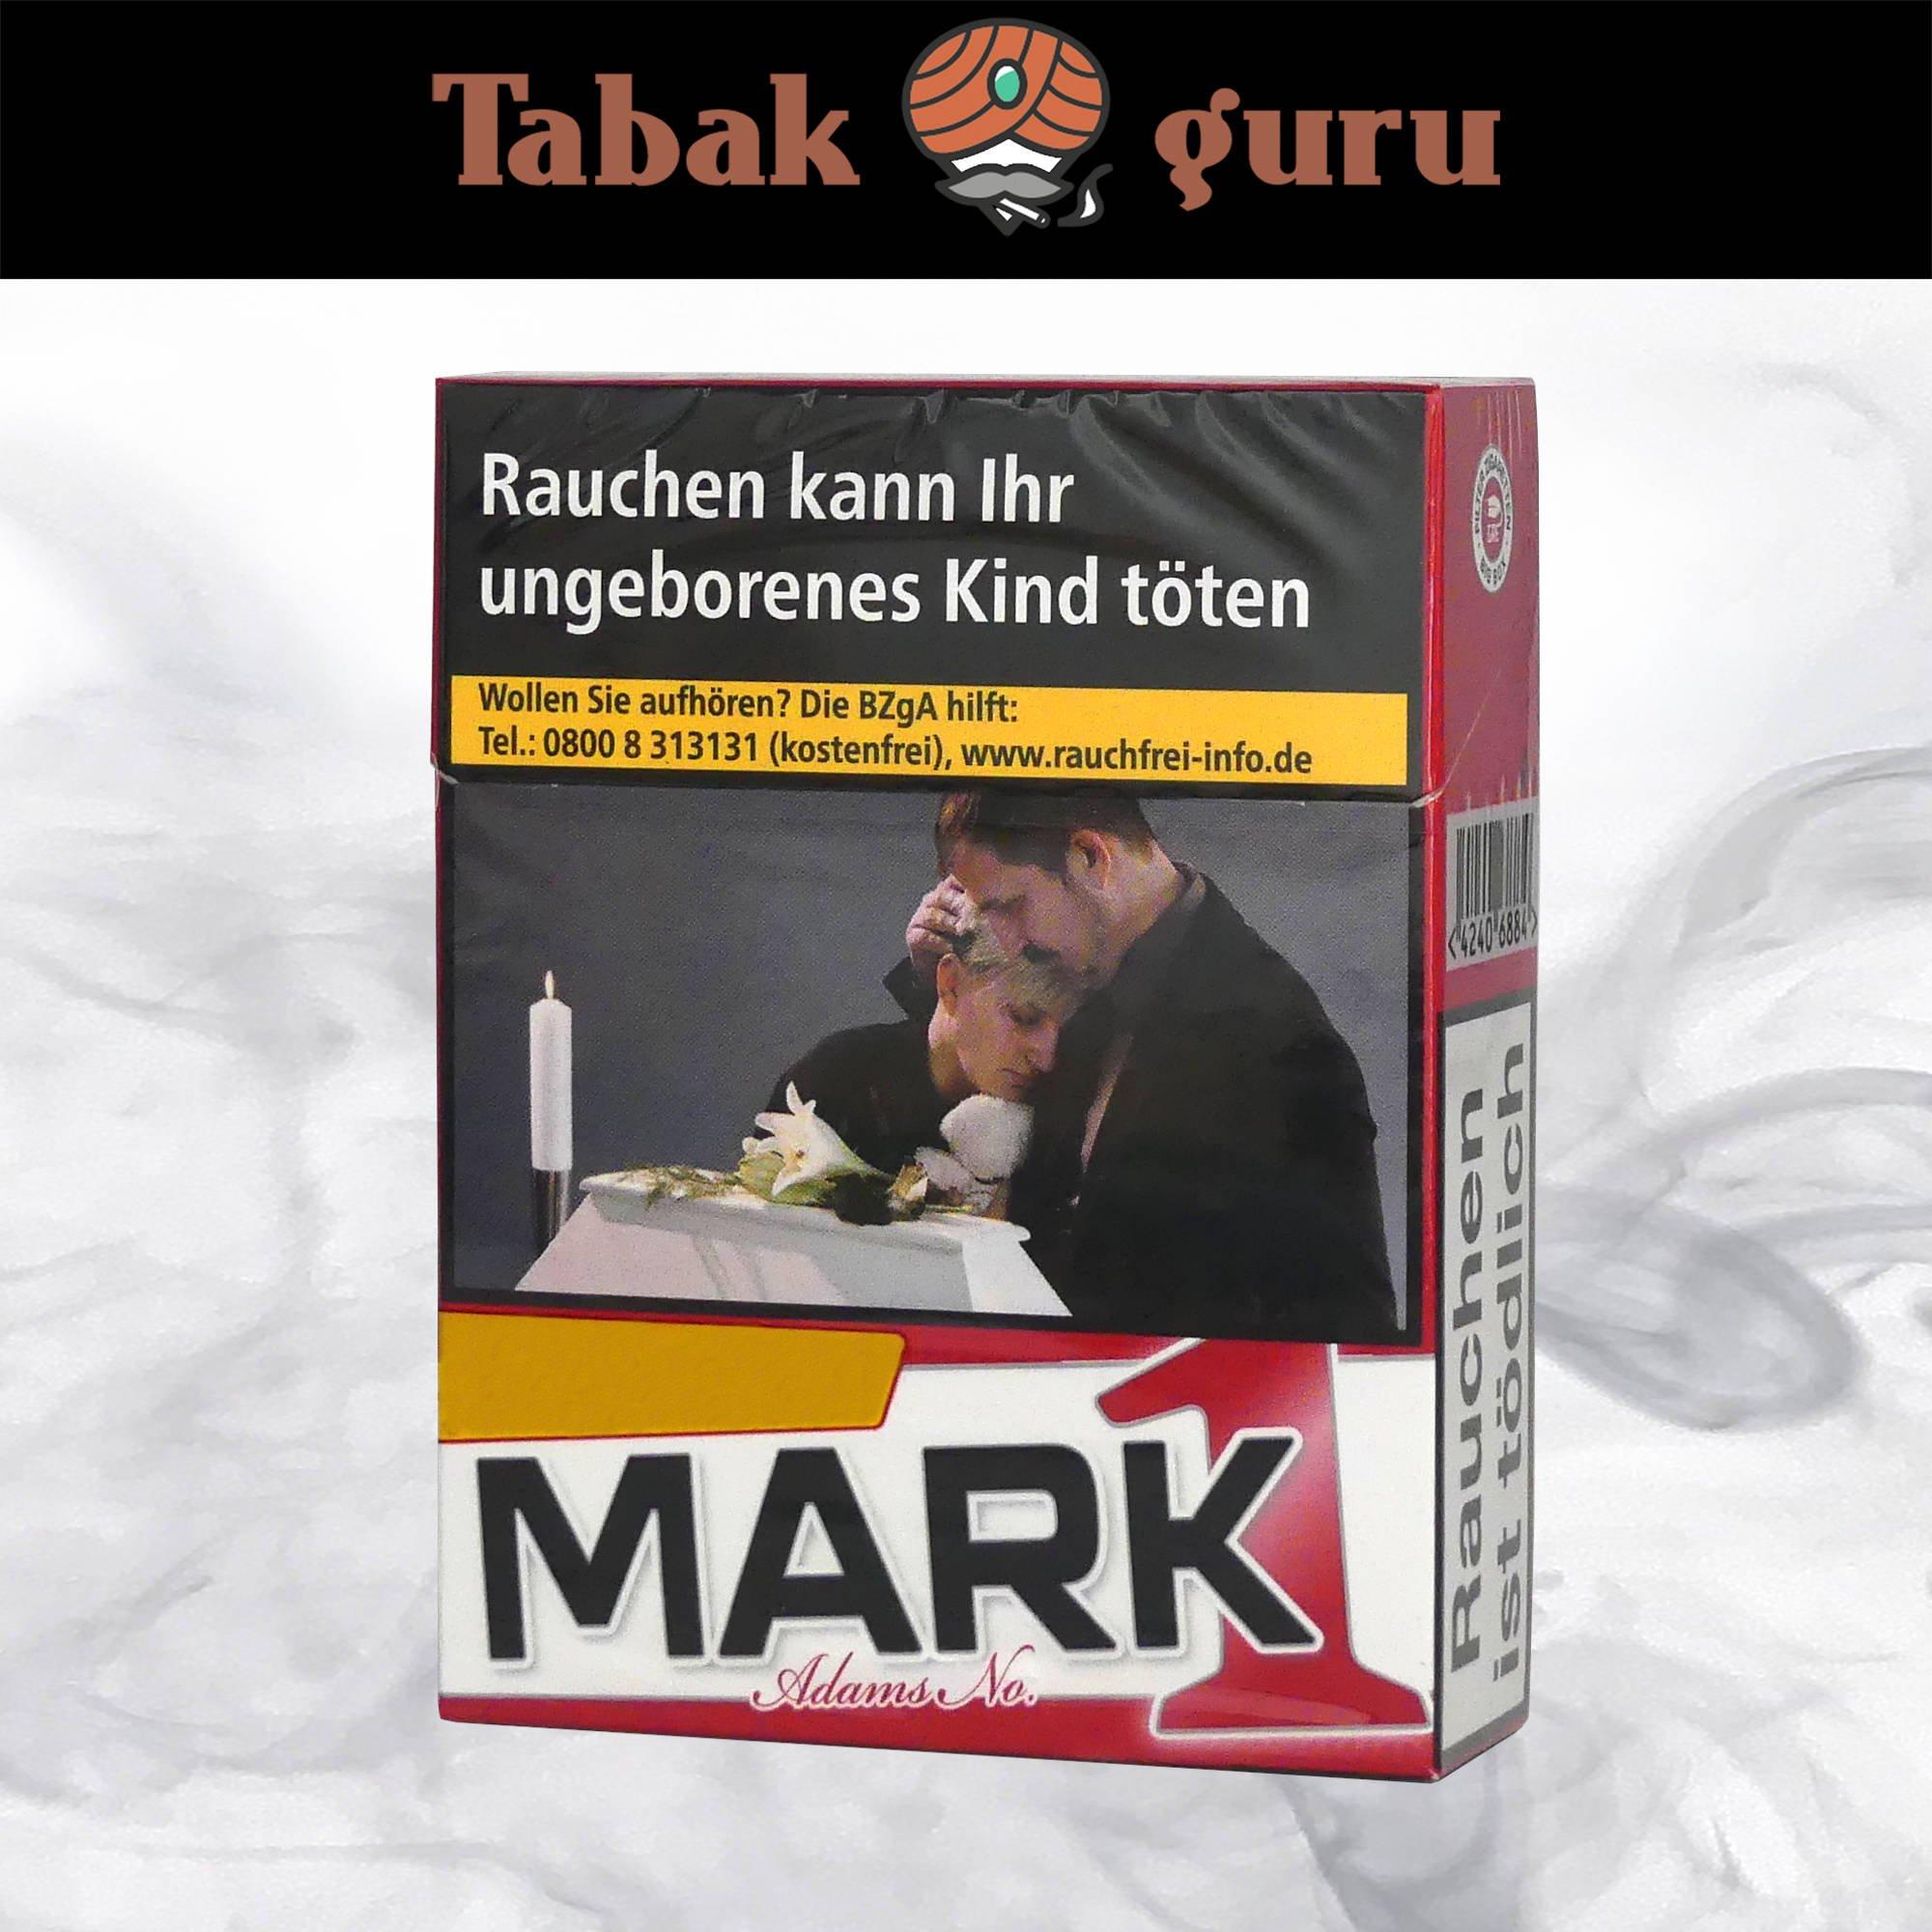 Mark Adams No. 1 / Mark1 Original Red XL Zigaretten - 25 Stück